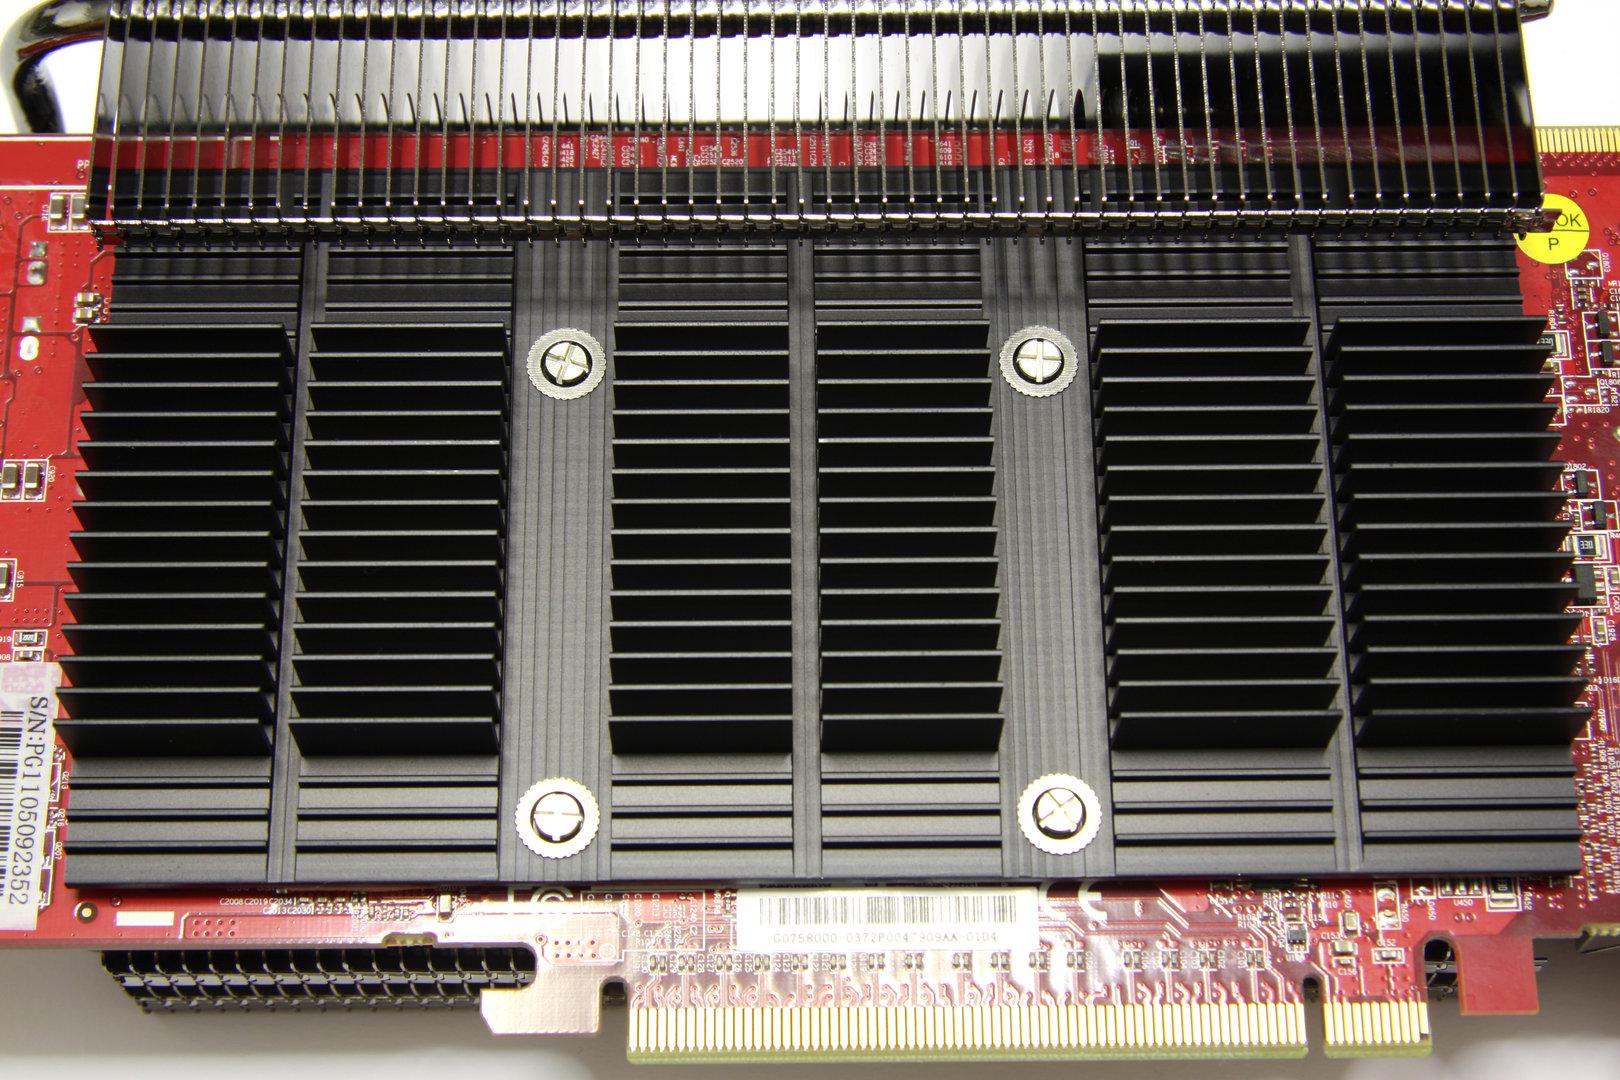 Radeon HD 6850 SCS3 Kühler auf der Rückseite